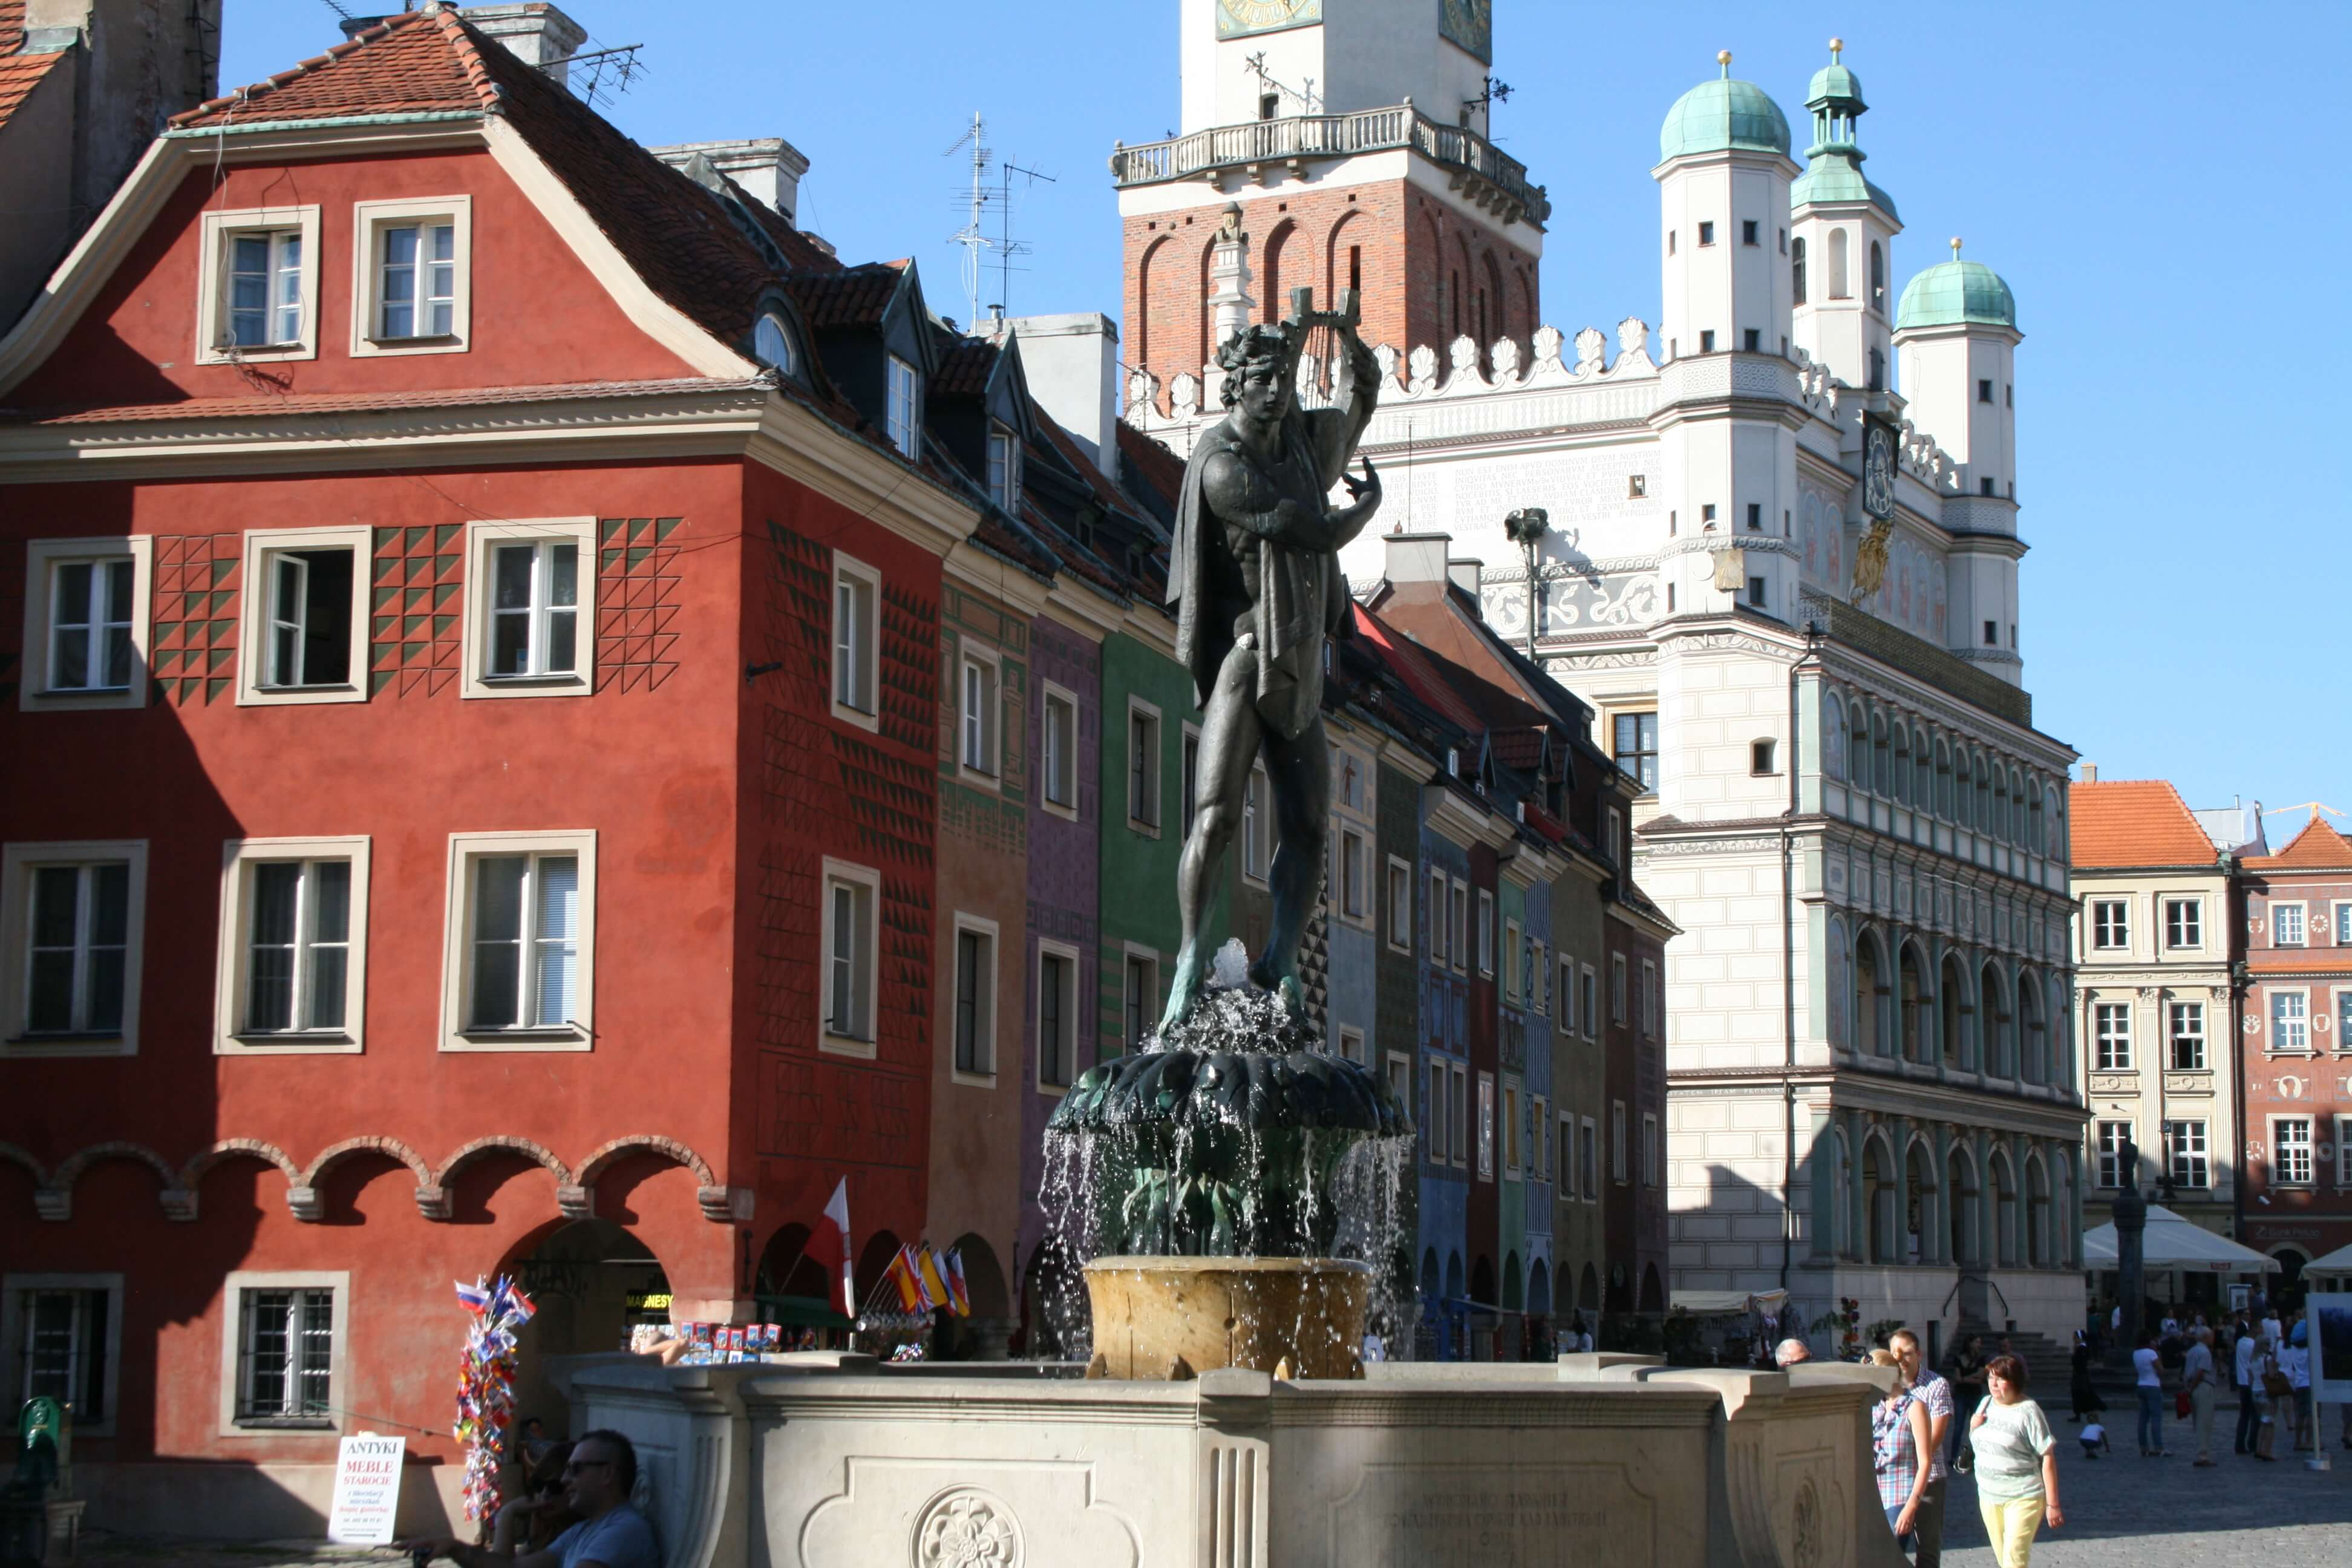 Poznań Atrakcje turystyczne - Stare Miasto